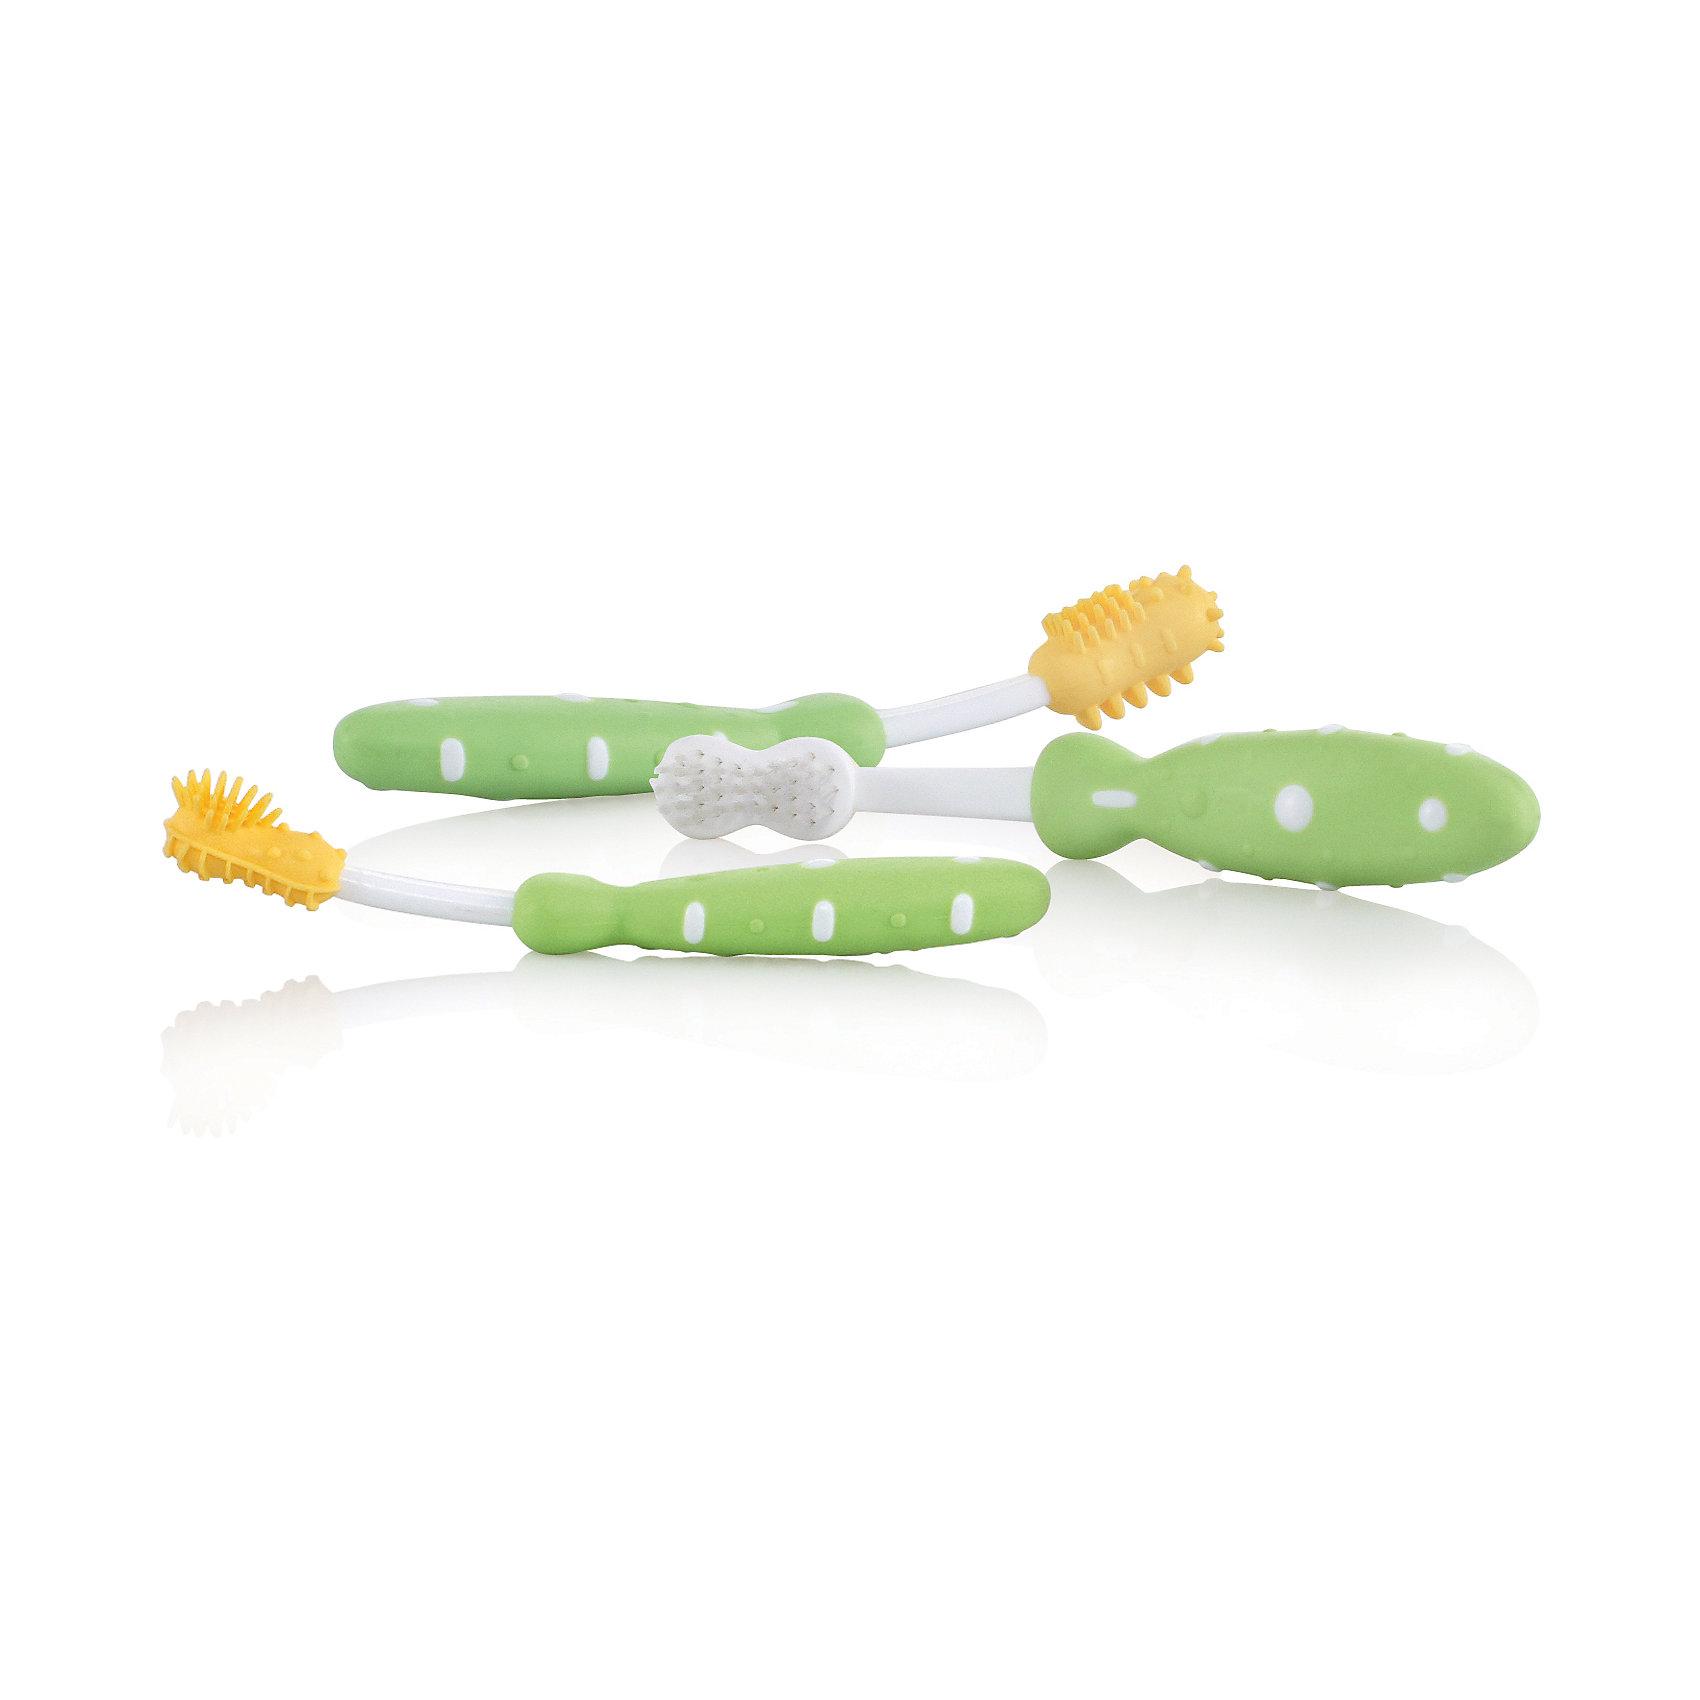 Набор зубных щеток, от 7 мес., Nuby, зеленый